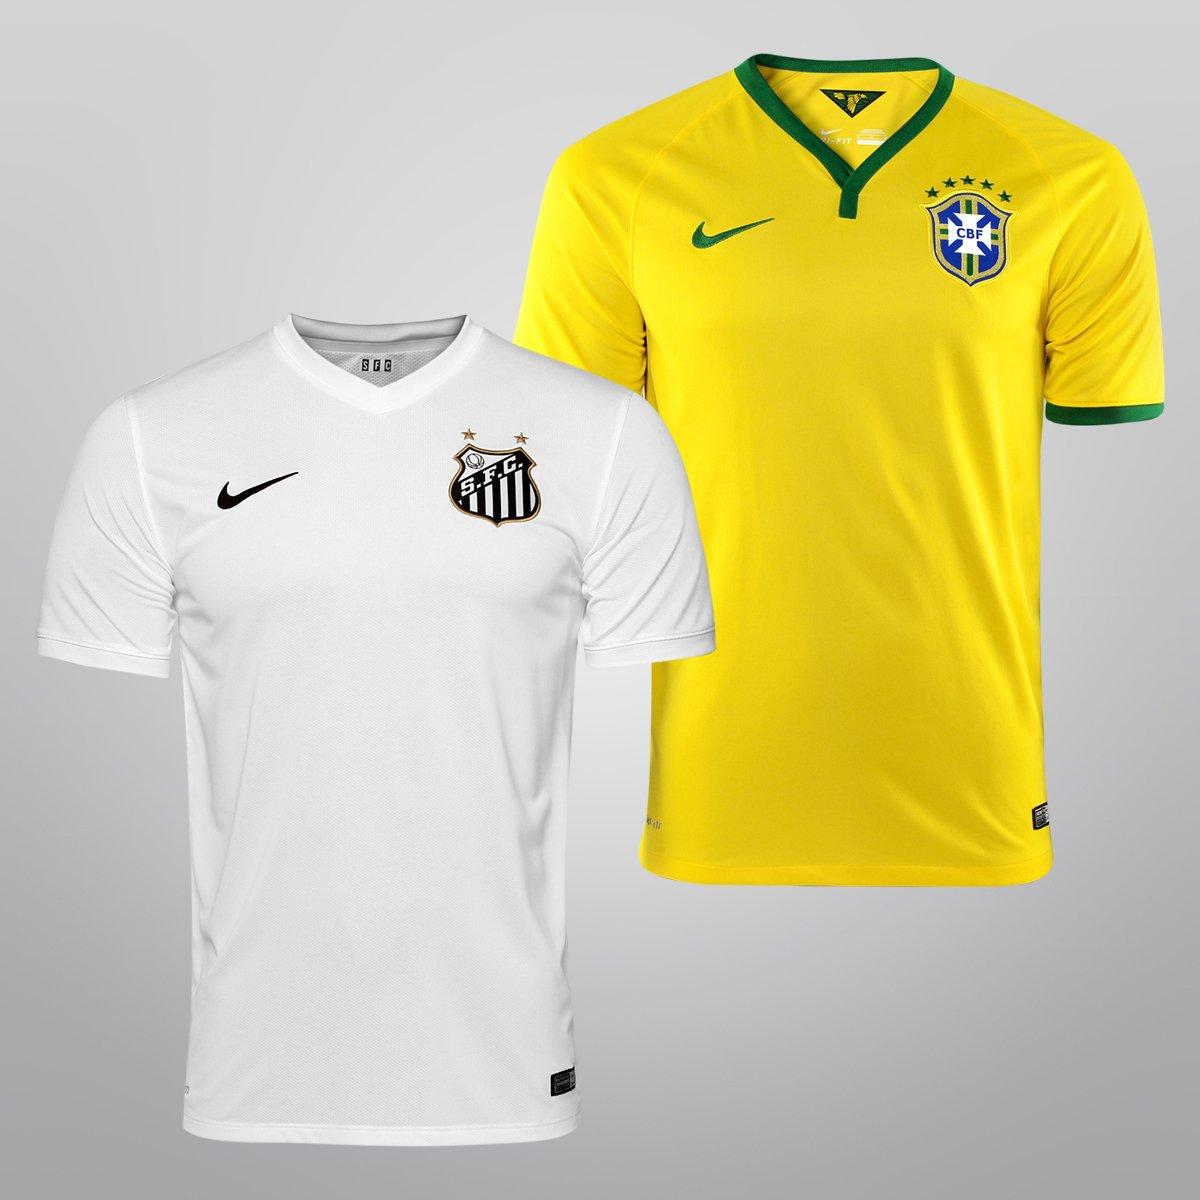 Kit Camisa Nike Santos I 14 15 + Camisa Nike Seleção Brasil I 2014 - Compre  Agora  877a143959303